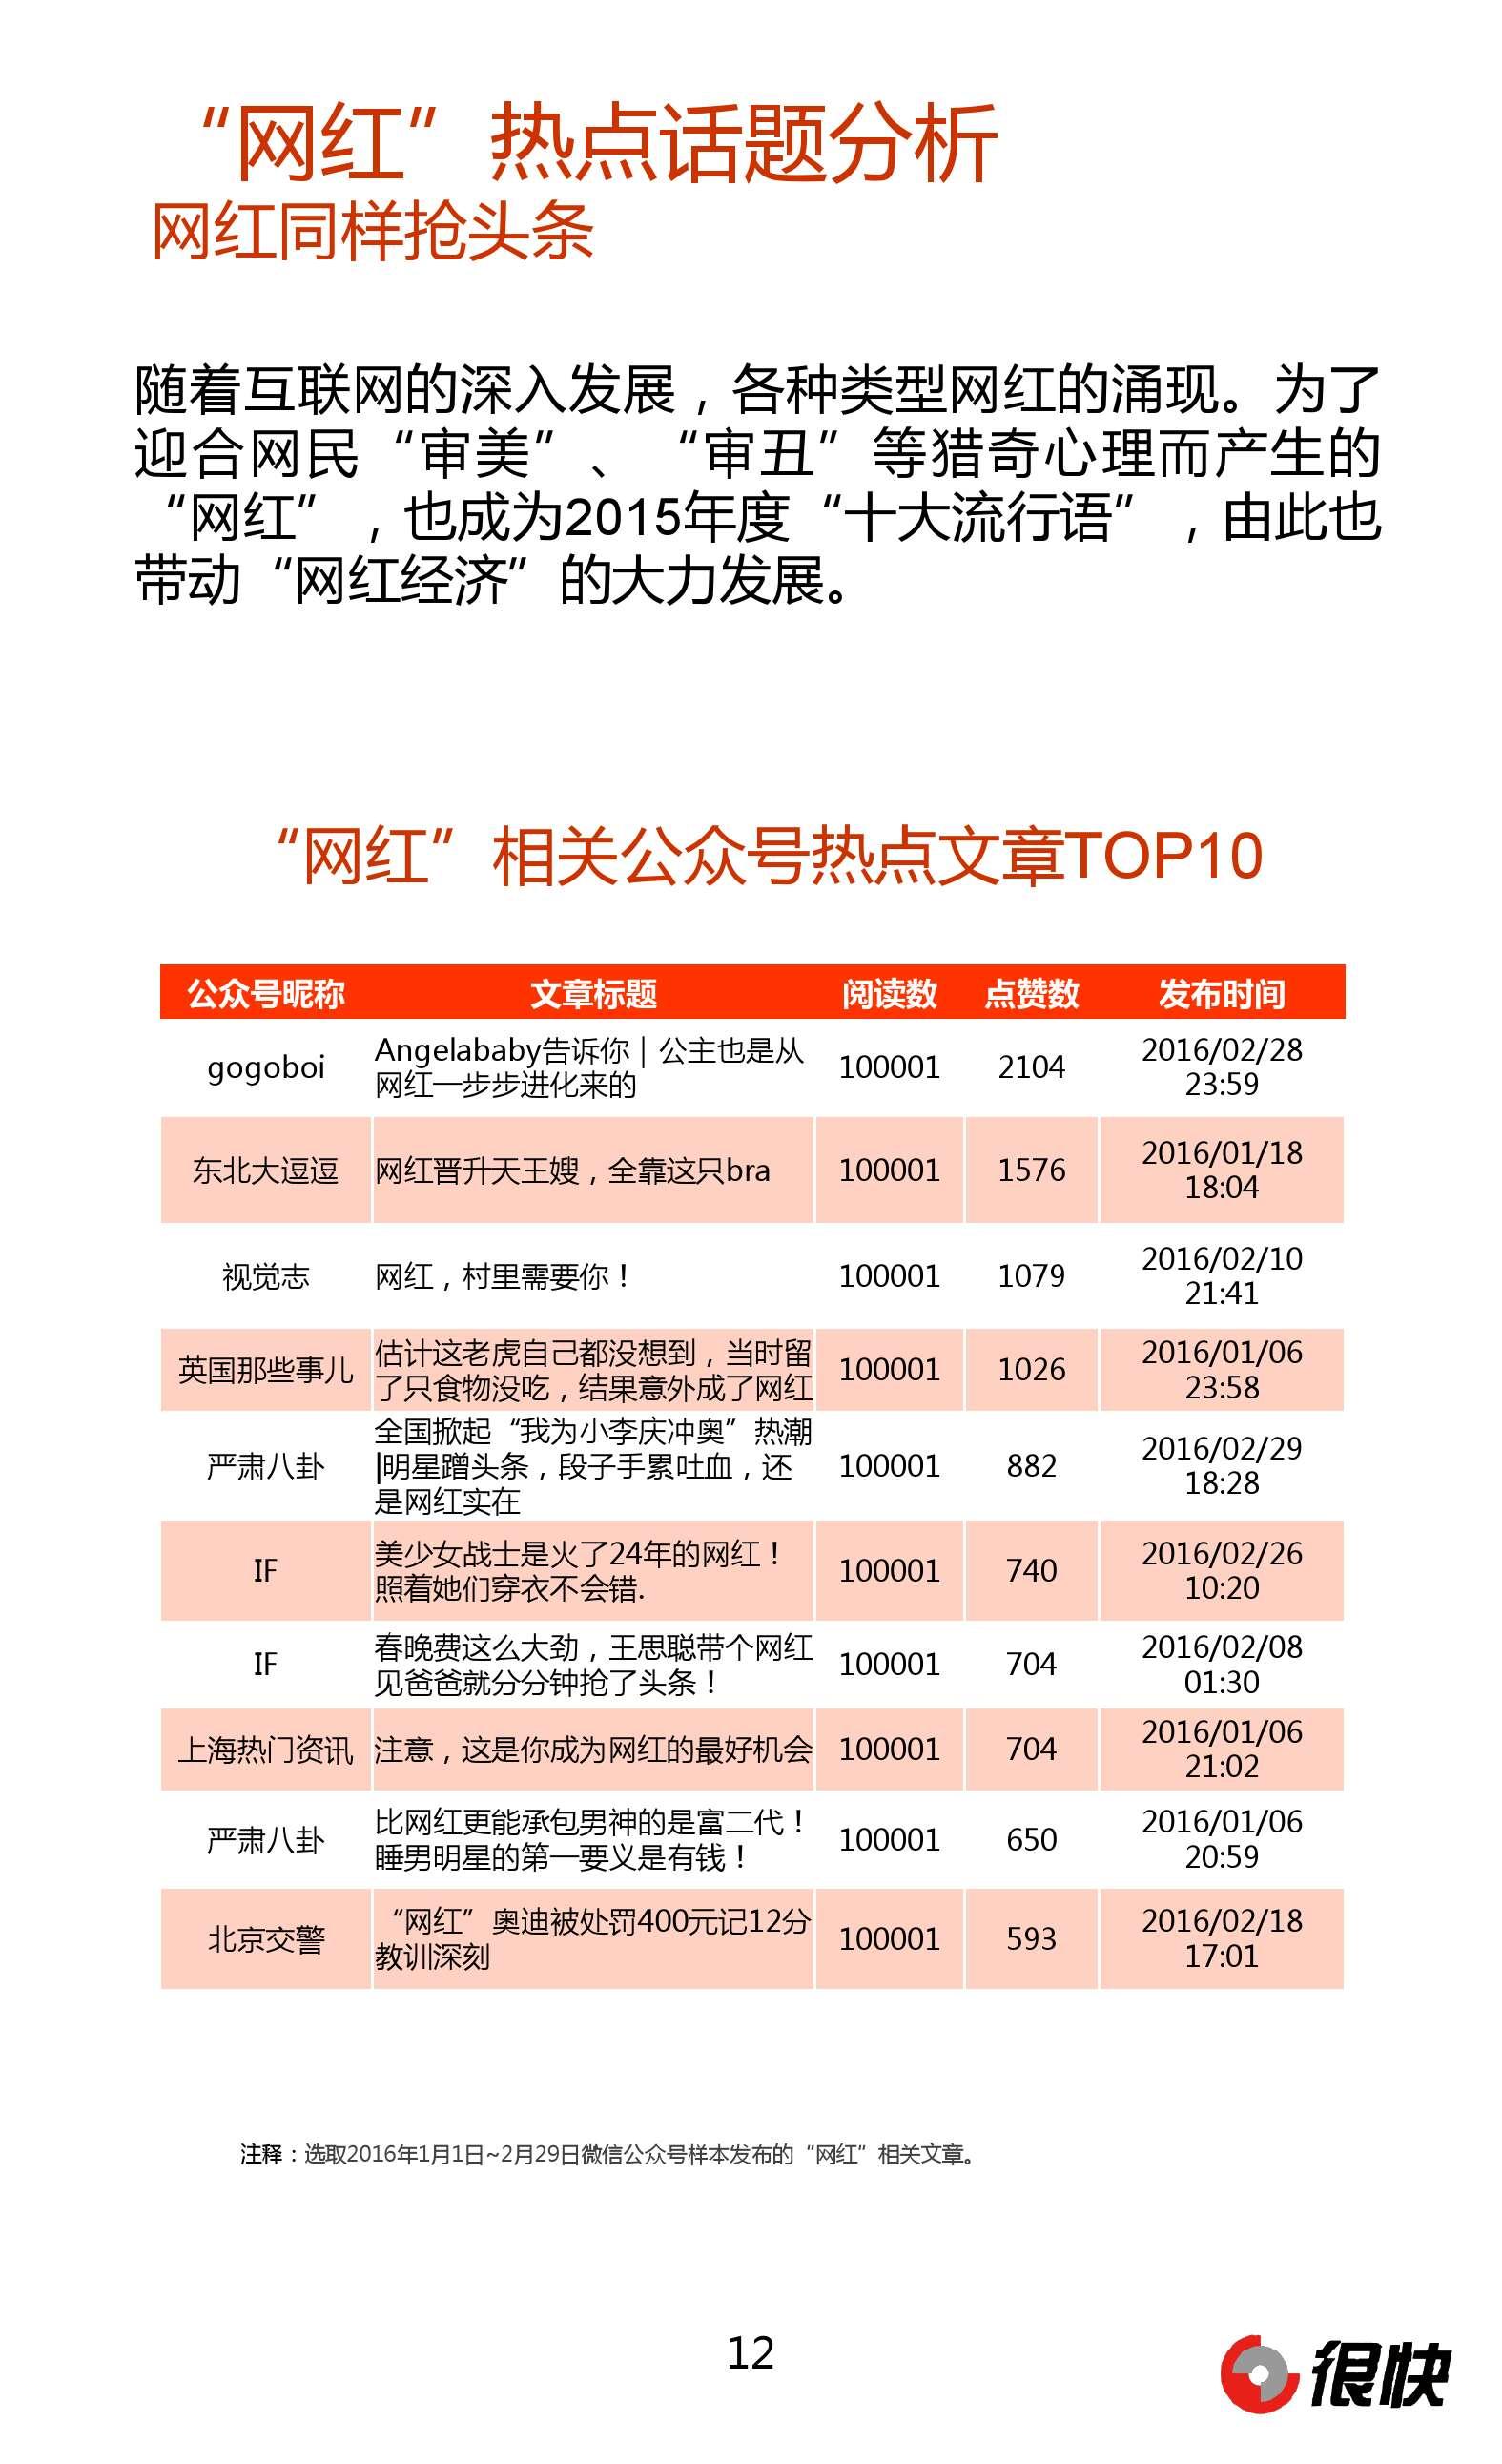 Henkuai-中国行业时尚微信公众号数据洞察报告_000012